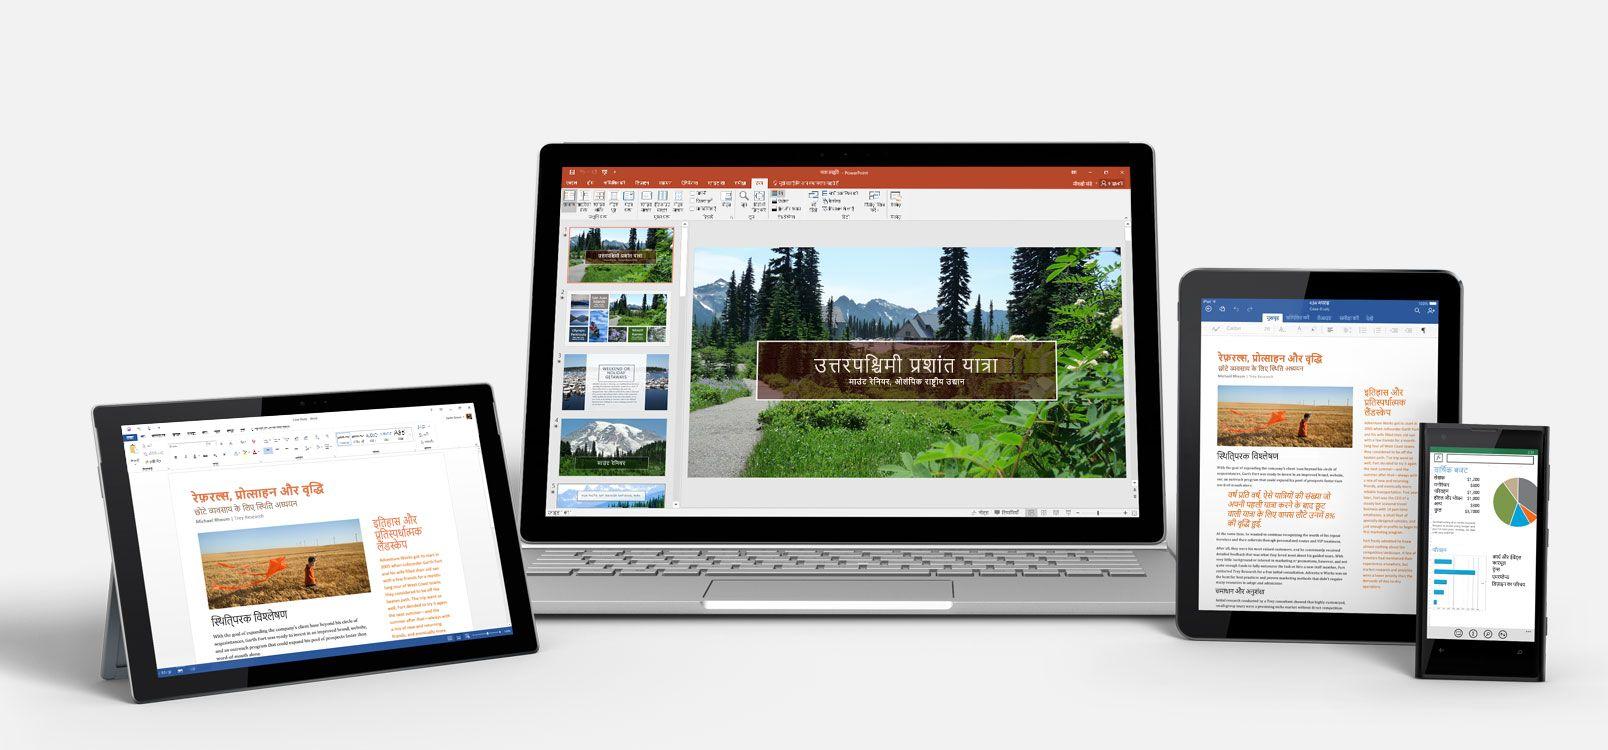 Office 365 का उपयोग दिखाता हुआ एक Window टैबलेट, लैपटॉप, एक iPad और स्मार्टफ़ोन.